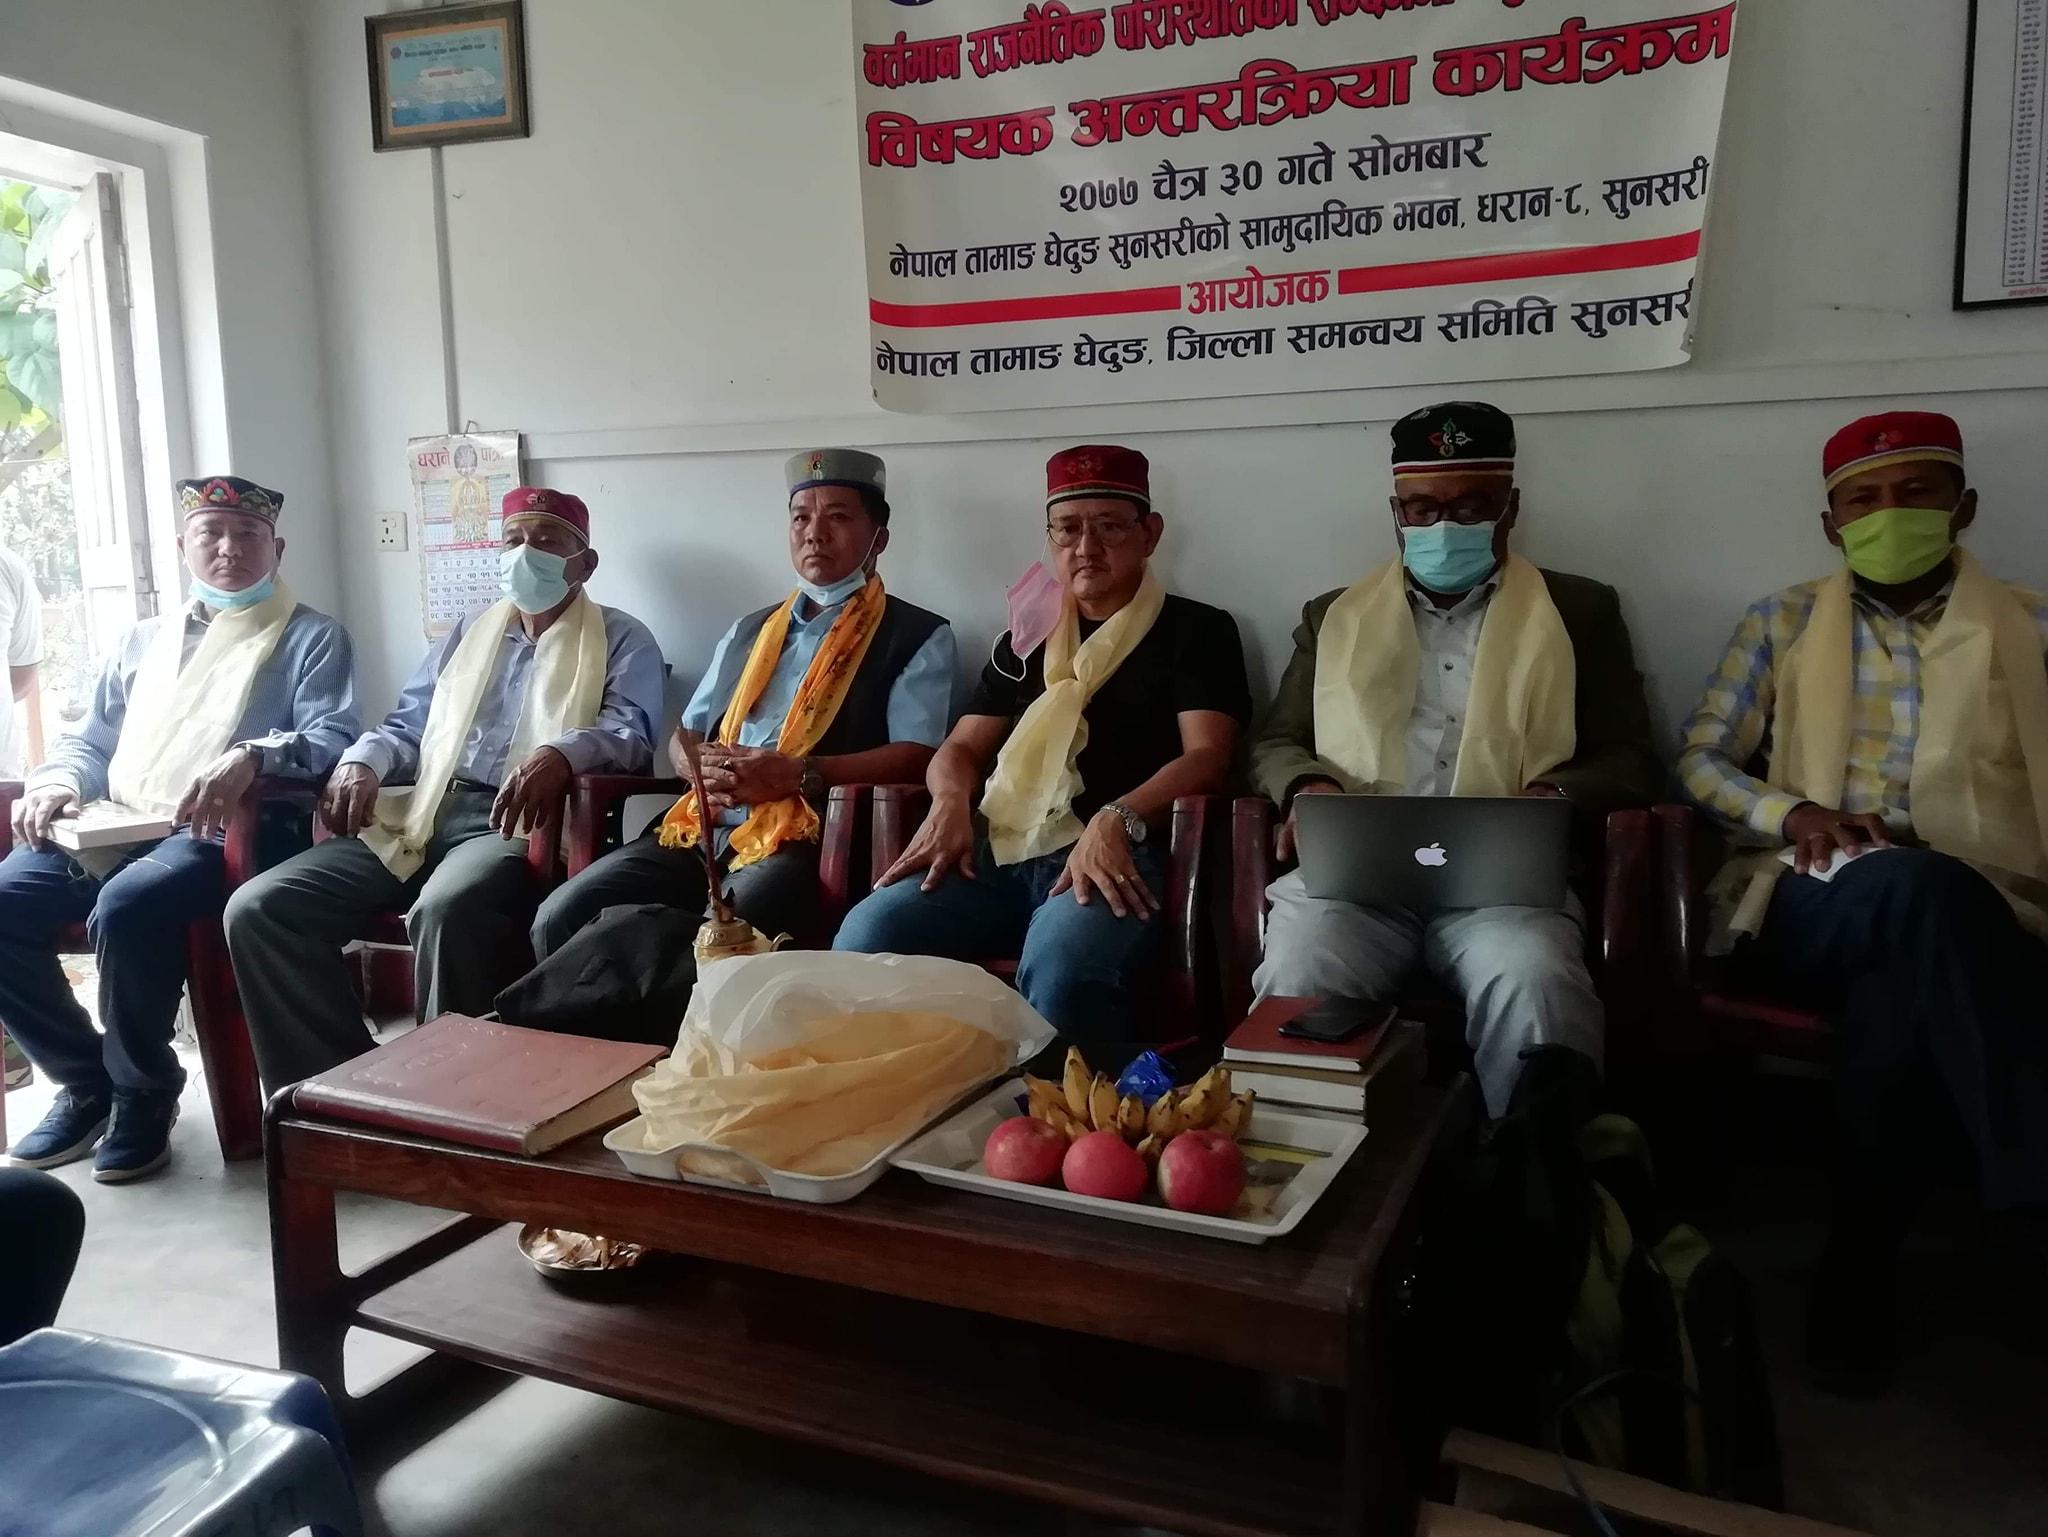 तामाङ घेदुङद्धारा जनगणना र राजनीति सम्बन्धि अन्तरक्रिया